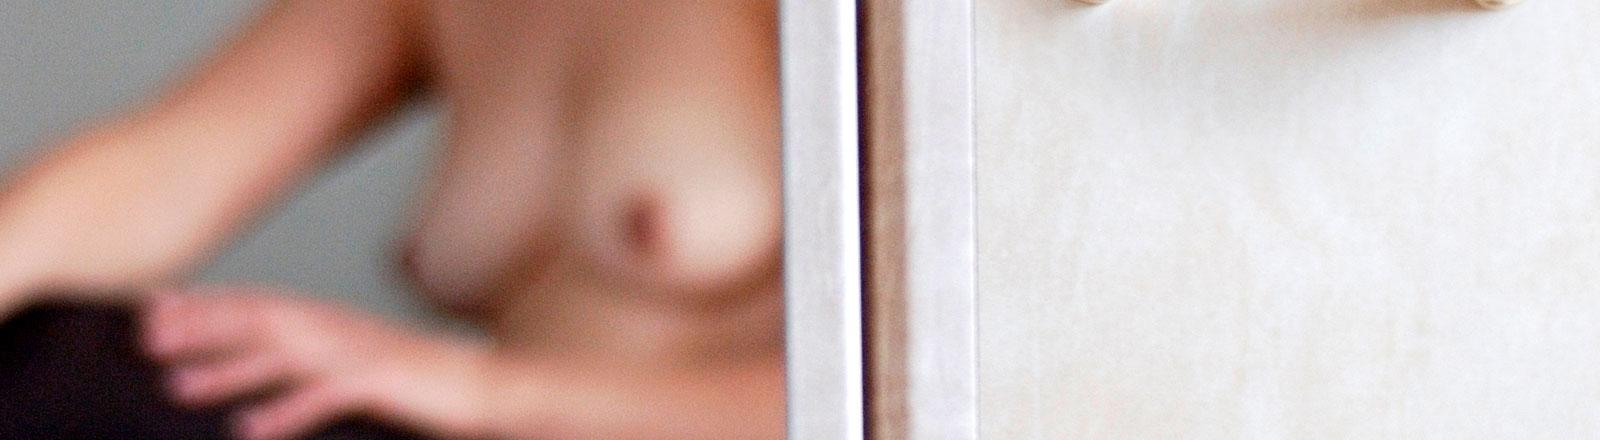 Eine Frau mit nackten Brüsten sitzt hinter einer Tür und wartet.